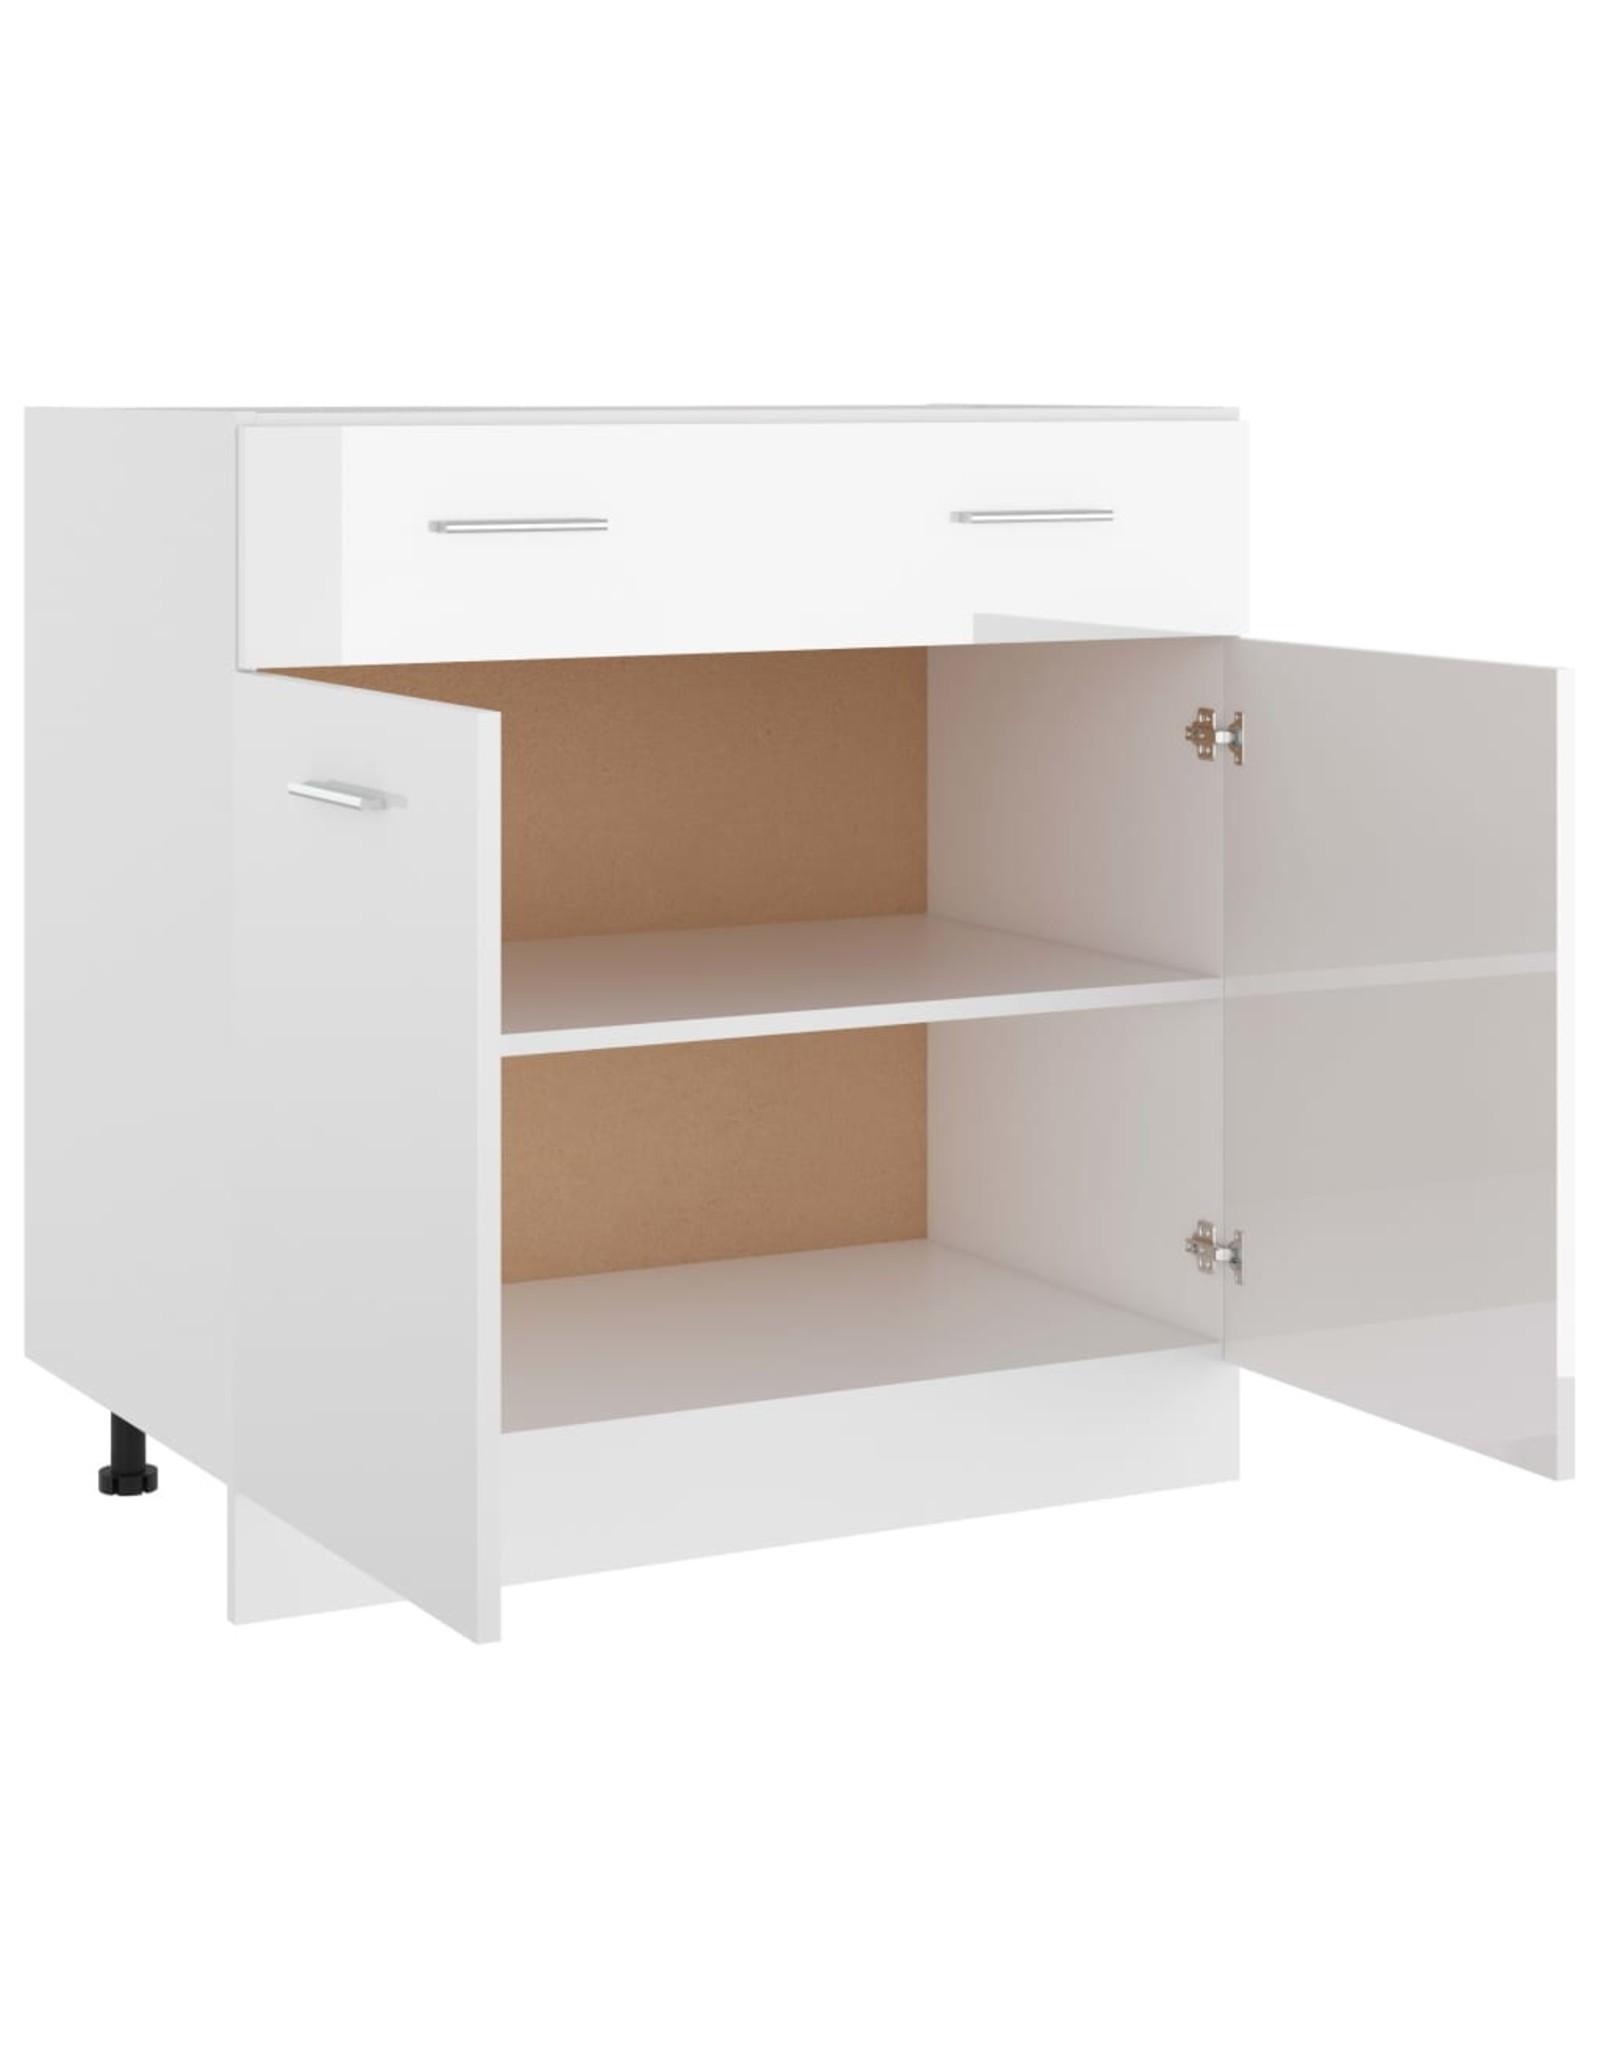 Onderkast met lade 80x46x81,5 cm spaanplaat hoogglans wit